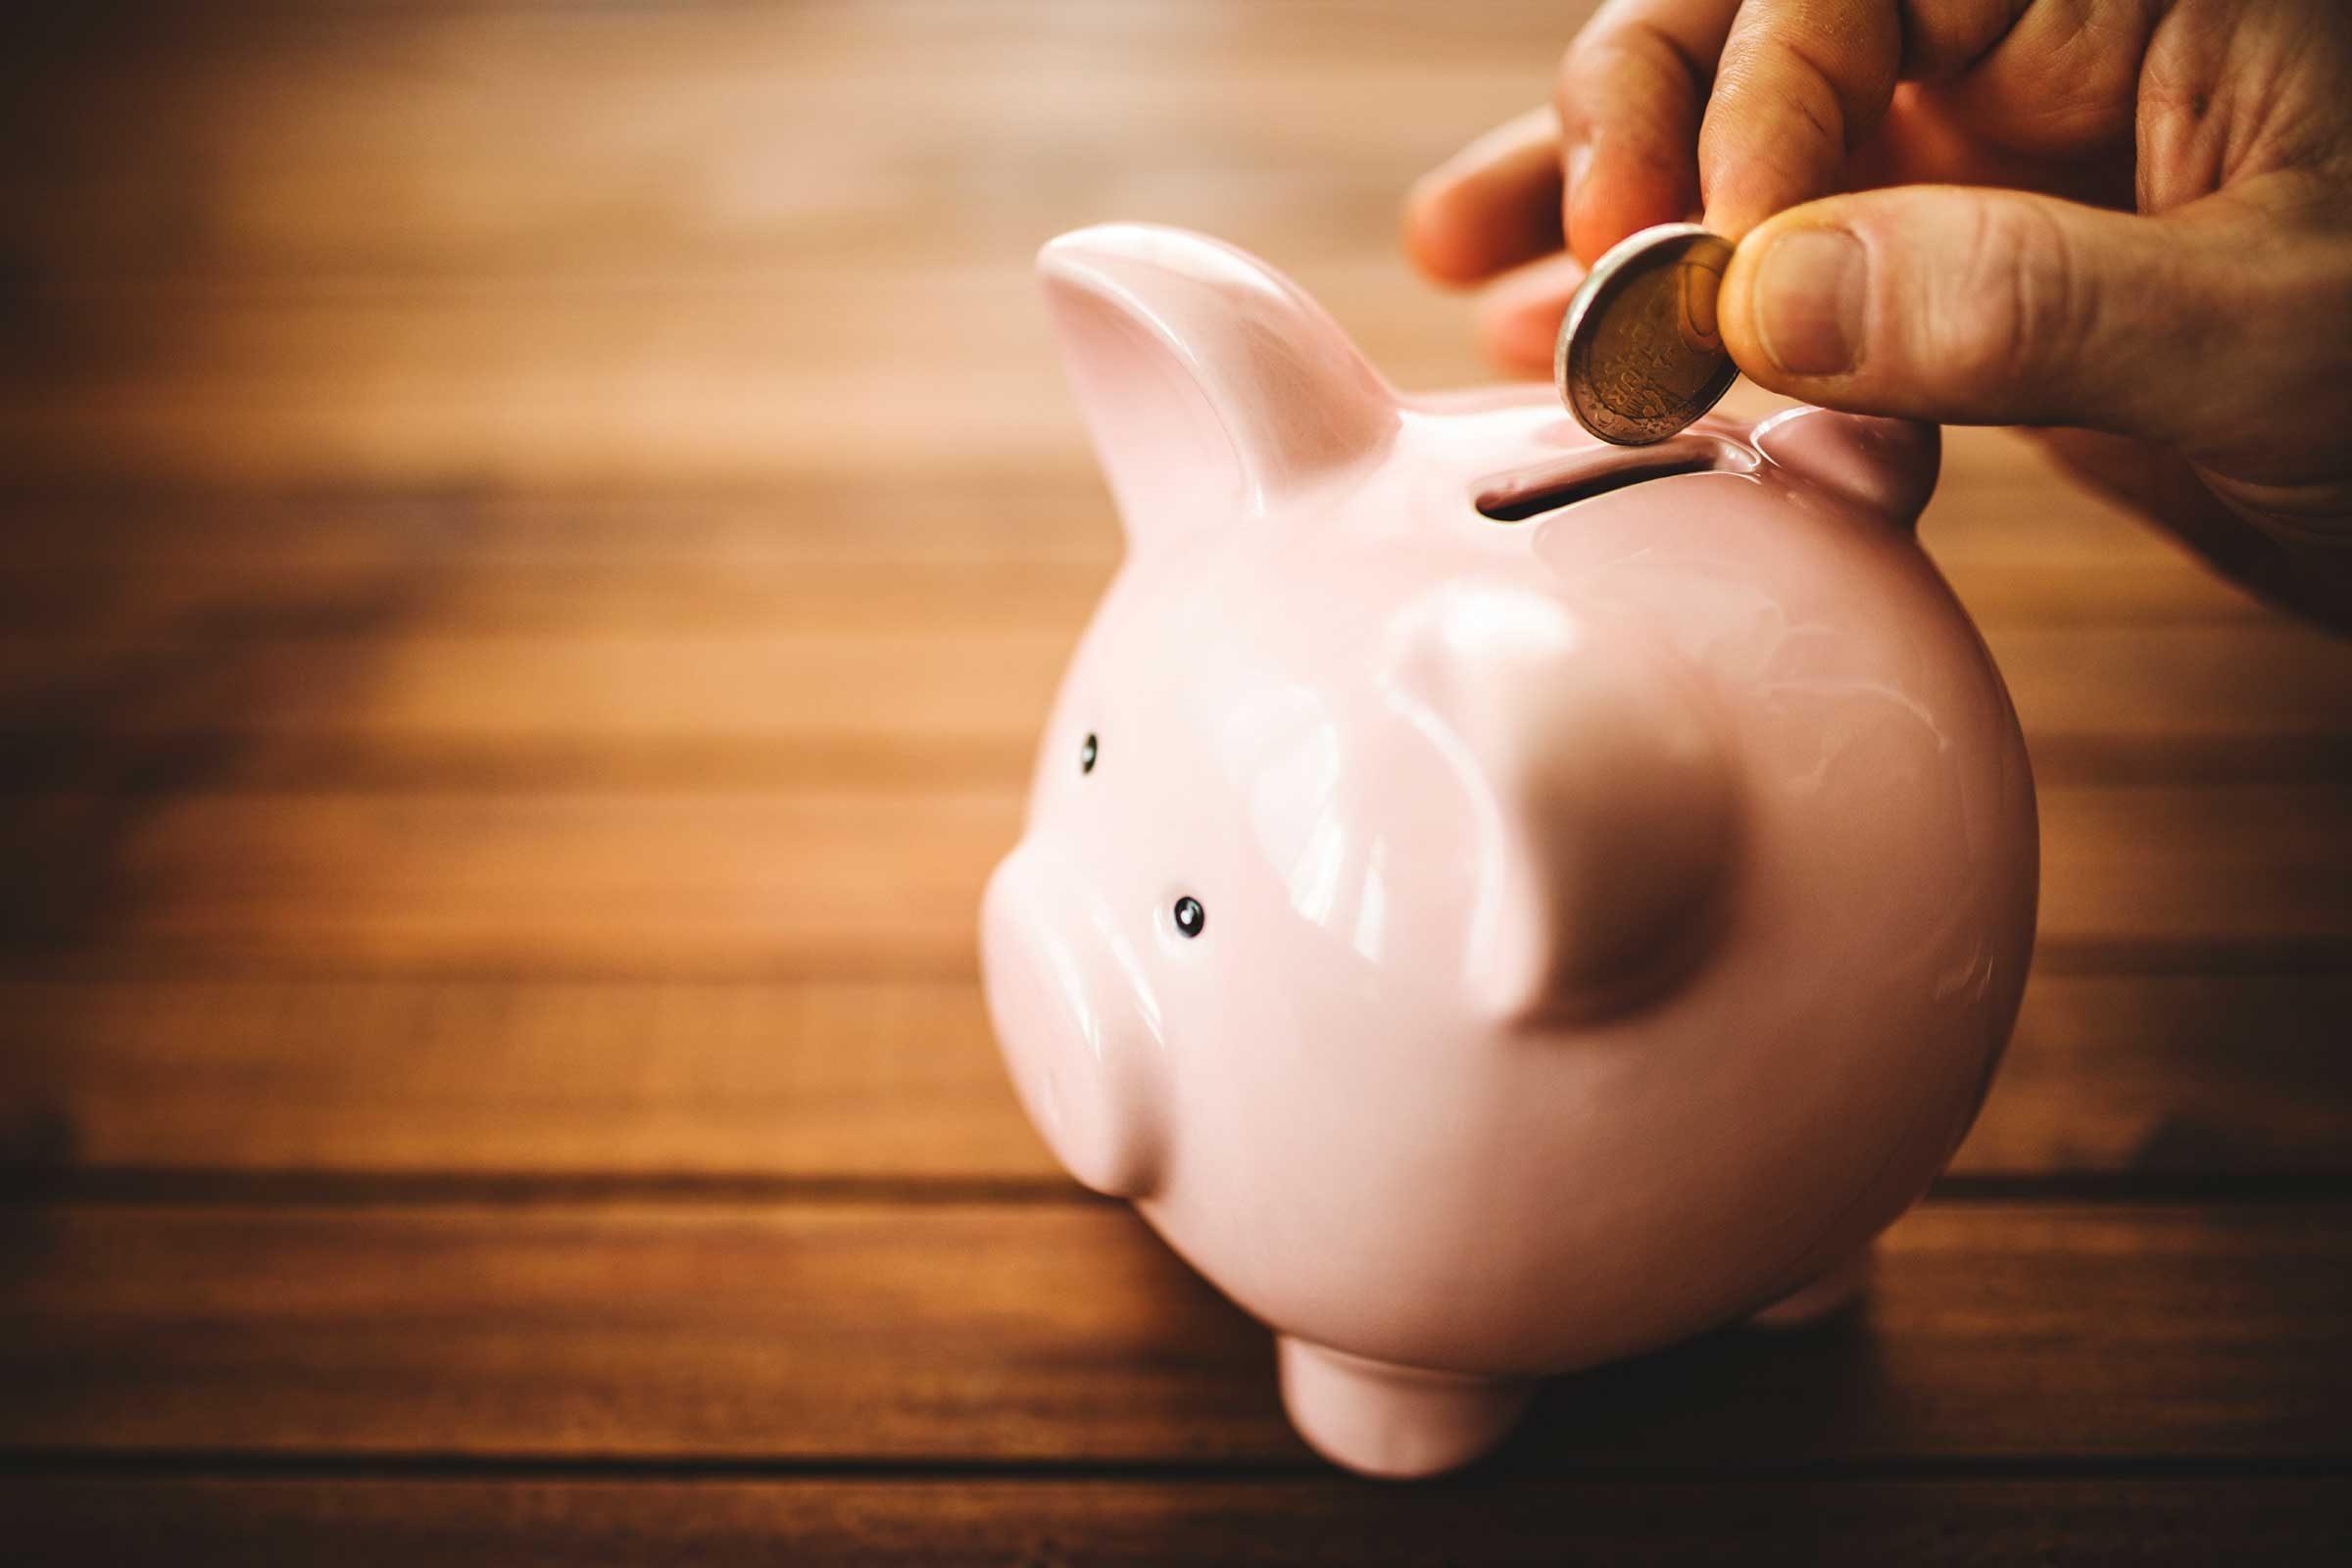 Les gens qui épargnent de l'argent commencent tôt.